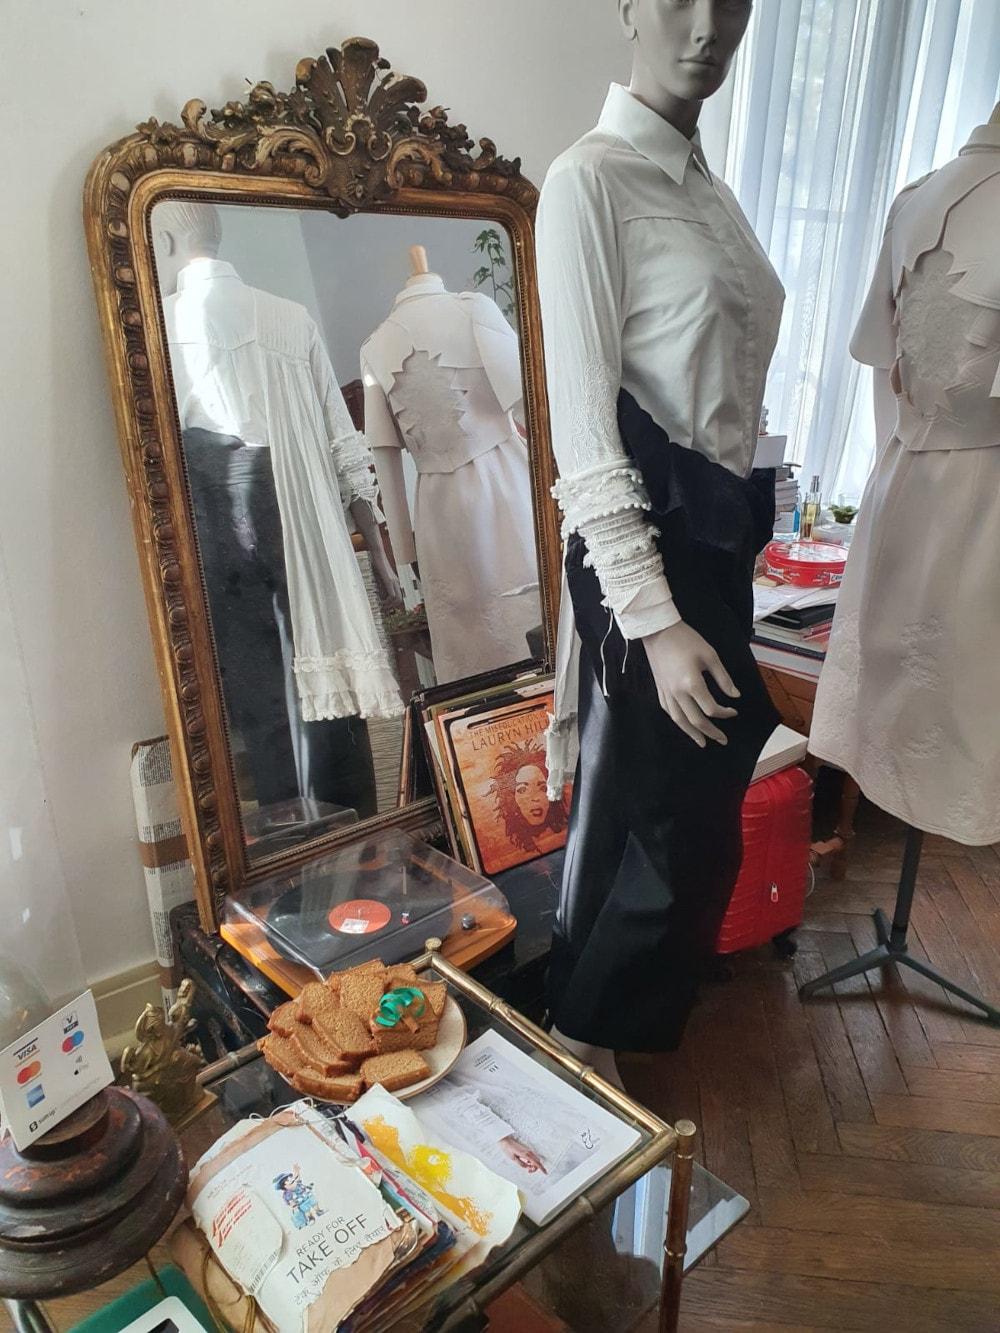 vêtement se reflétant dans le miroir